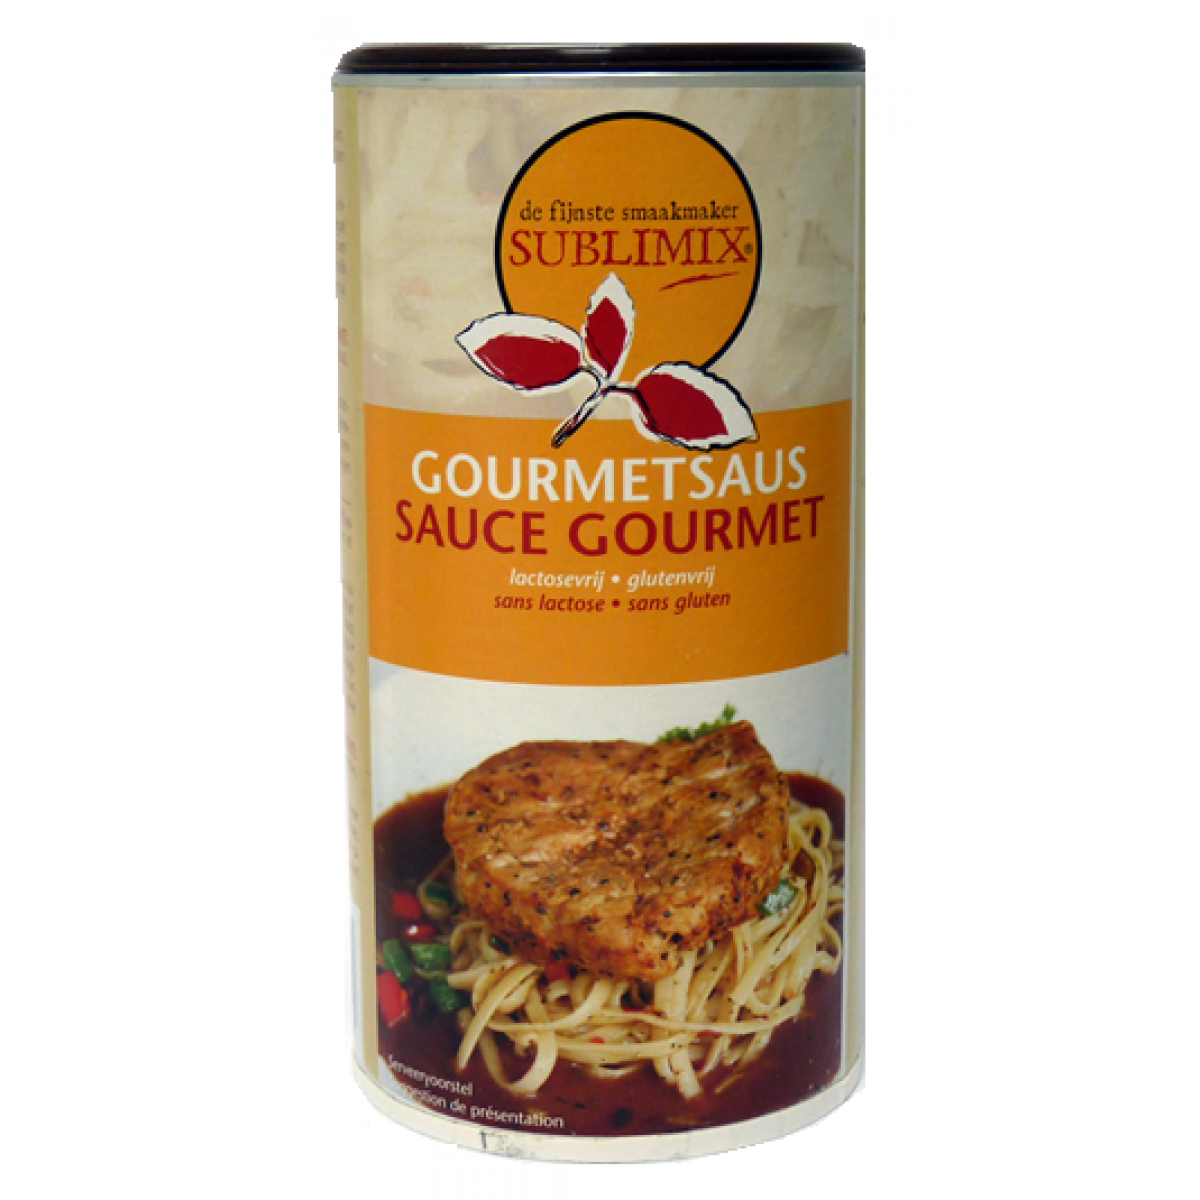 Gourmet Saus